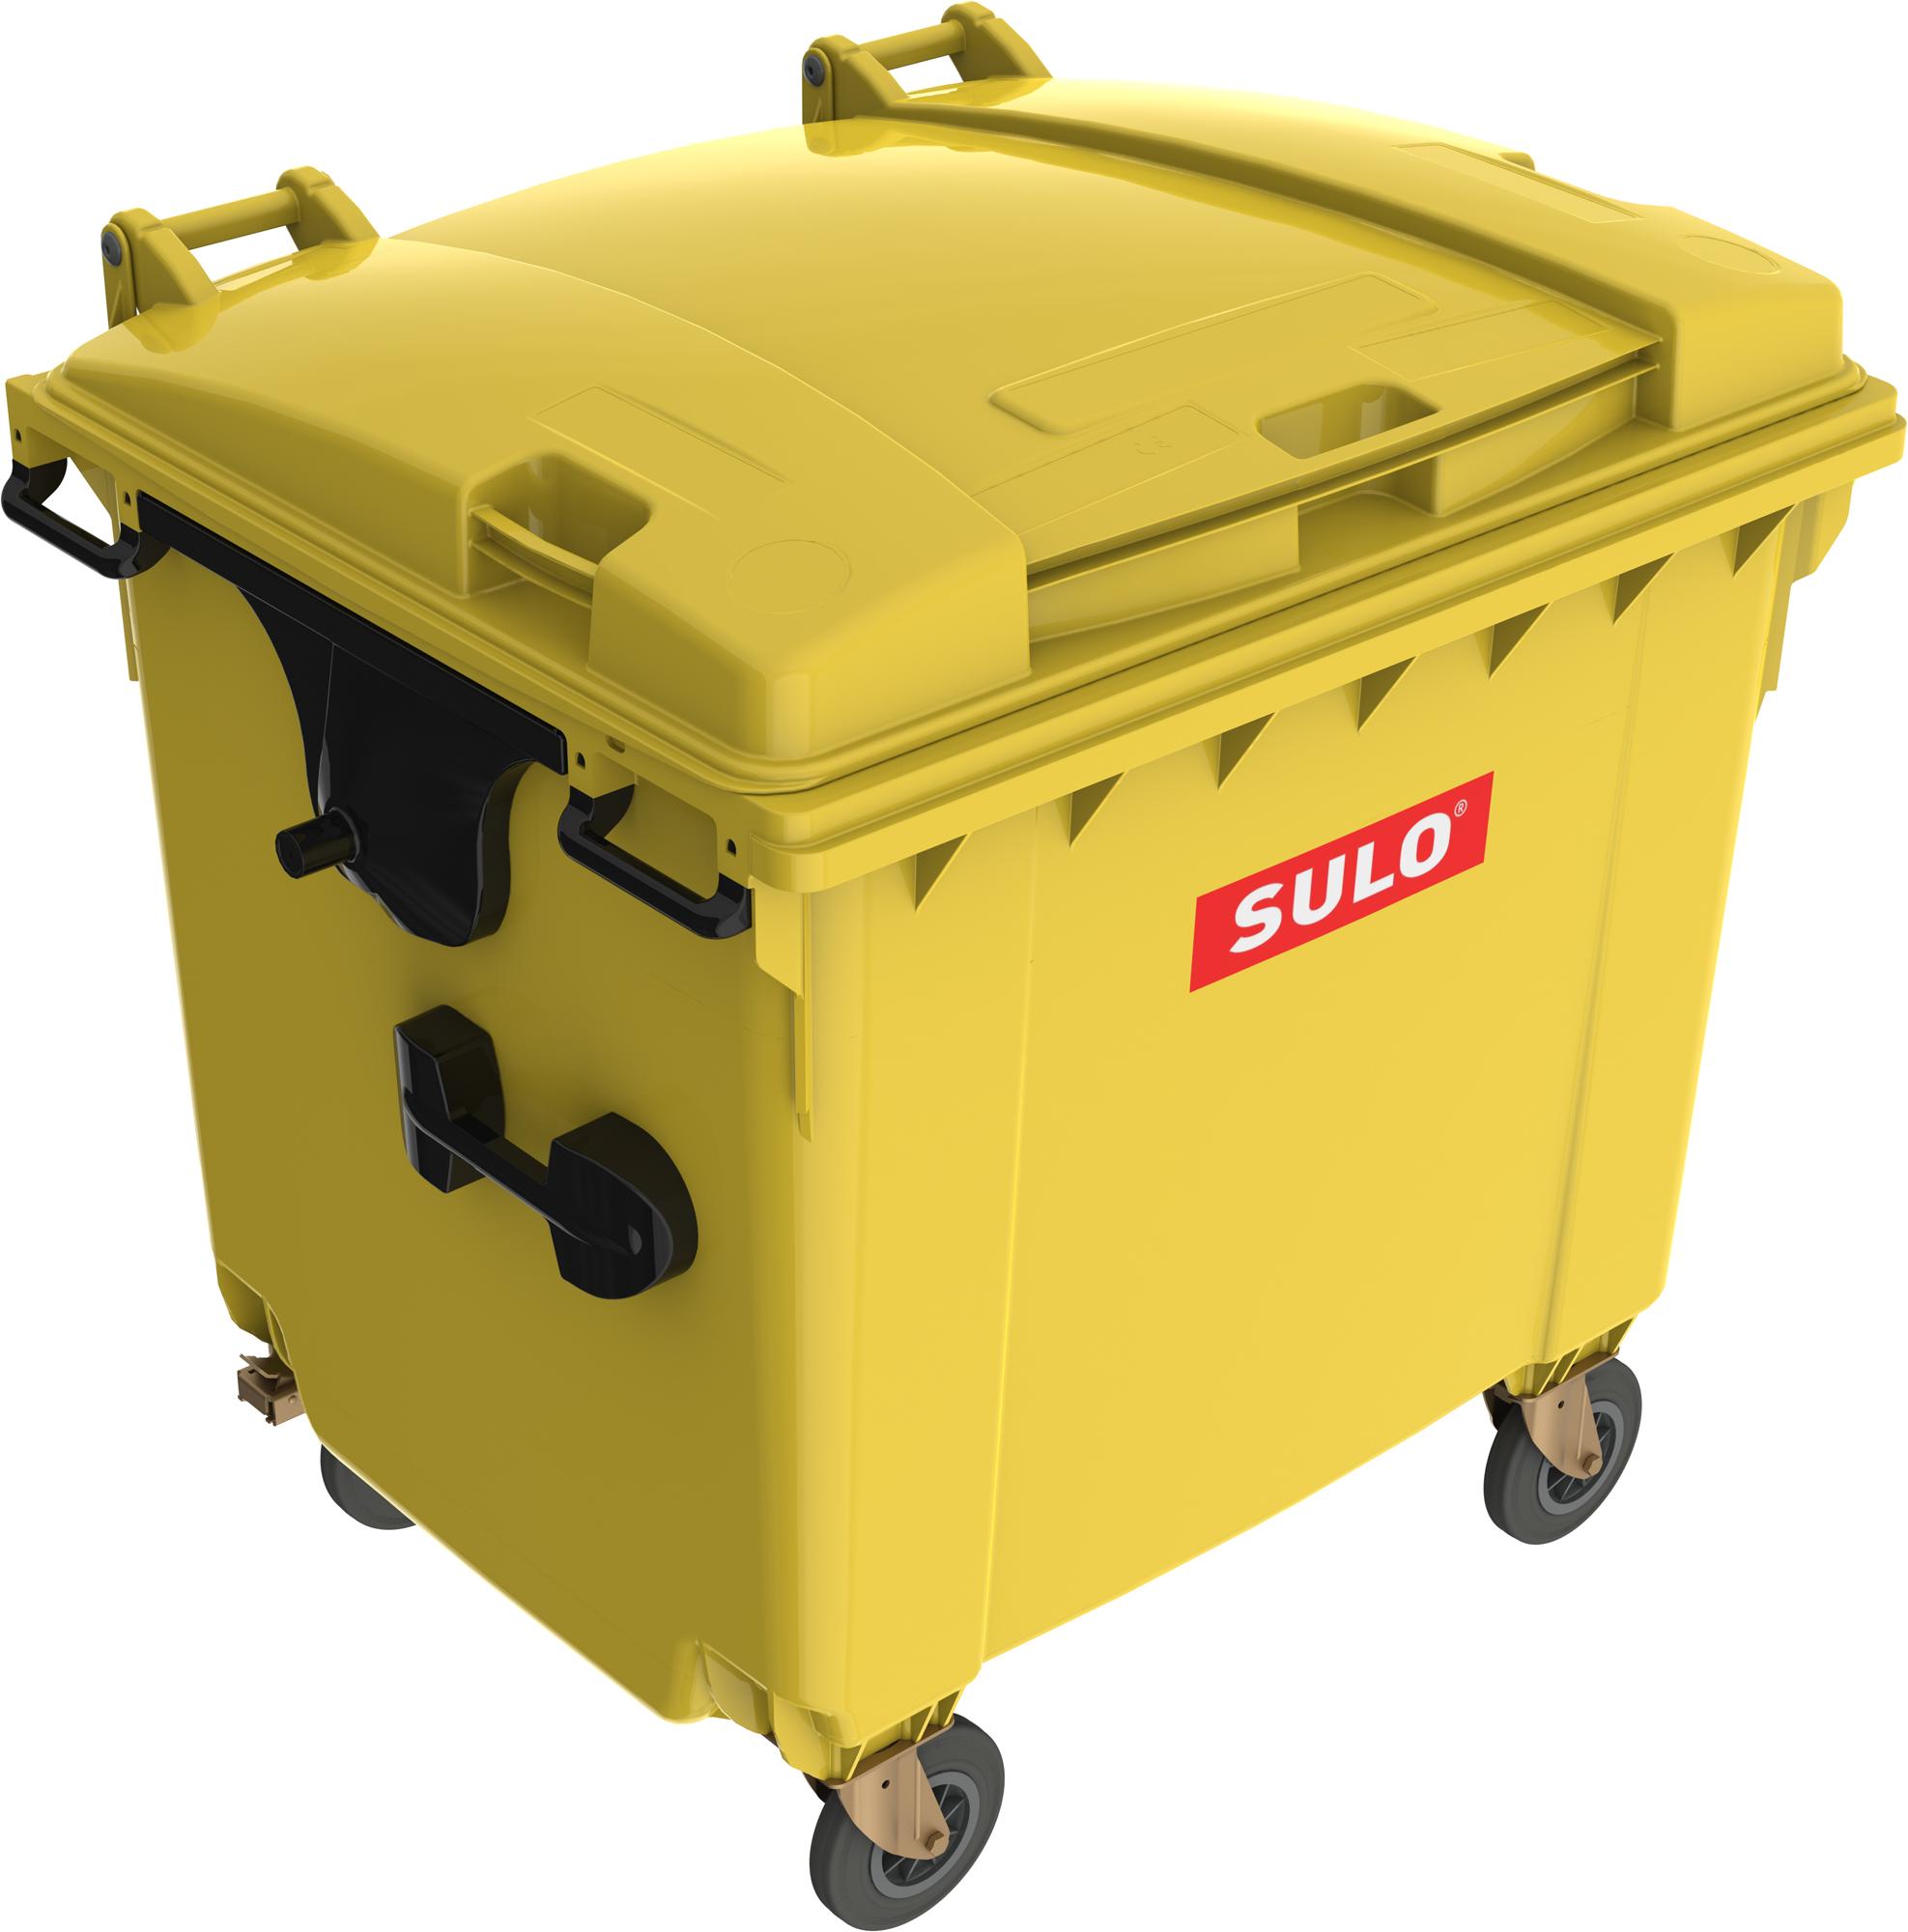 Eurocontainer Din Material Plastic 1100 L Galben Cu Capac Plat Mevatec - Transport Inclus sanito.ro